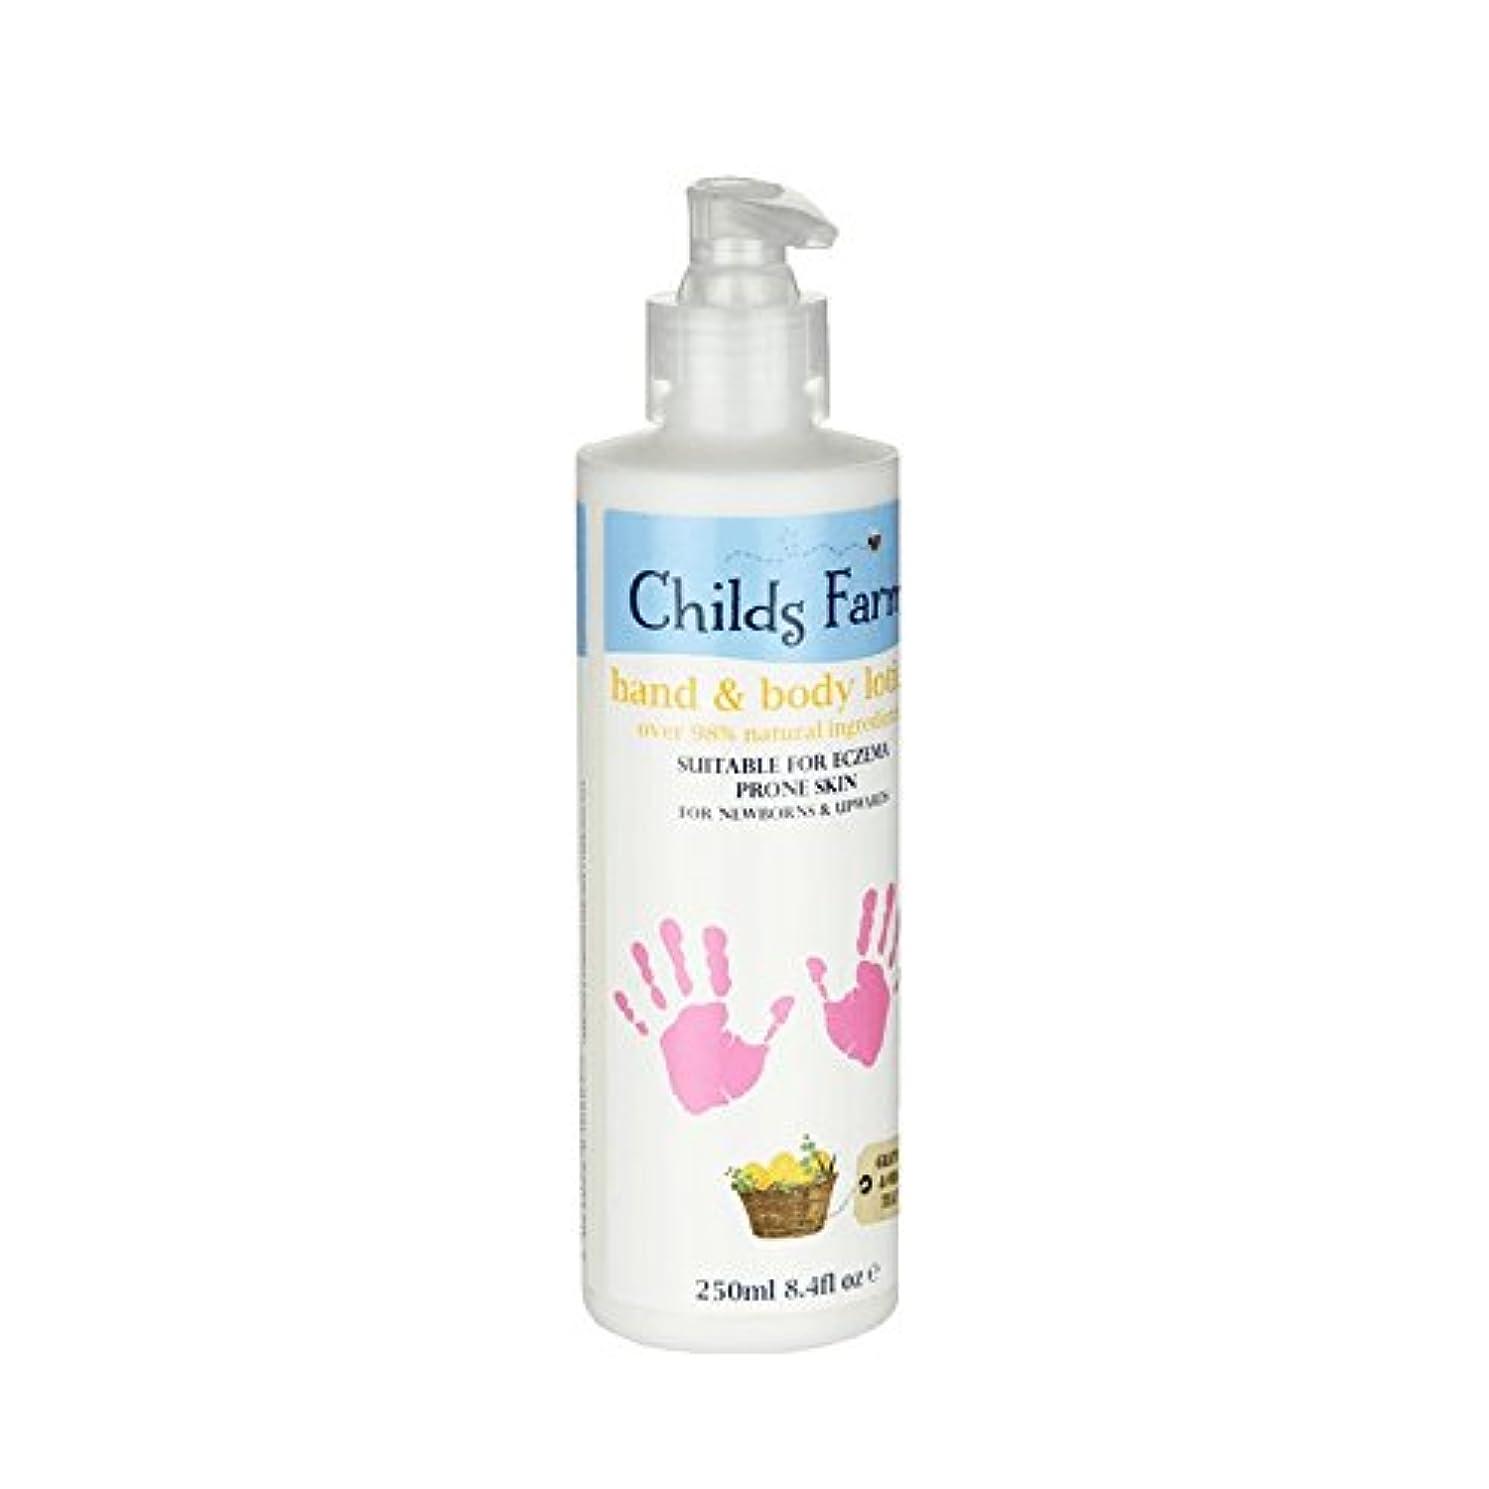 宿泊施設プロフィールパノラマ絹のような肌の250ミリリットルのためのチャイルズファームハンド&ボディローション - Childs Farm Hand & Body Lotion for Silky Skin 250ml (Childs Farm) [並行輸入品]